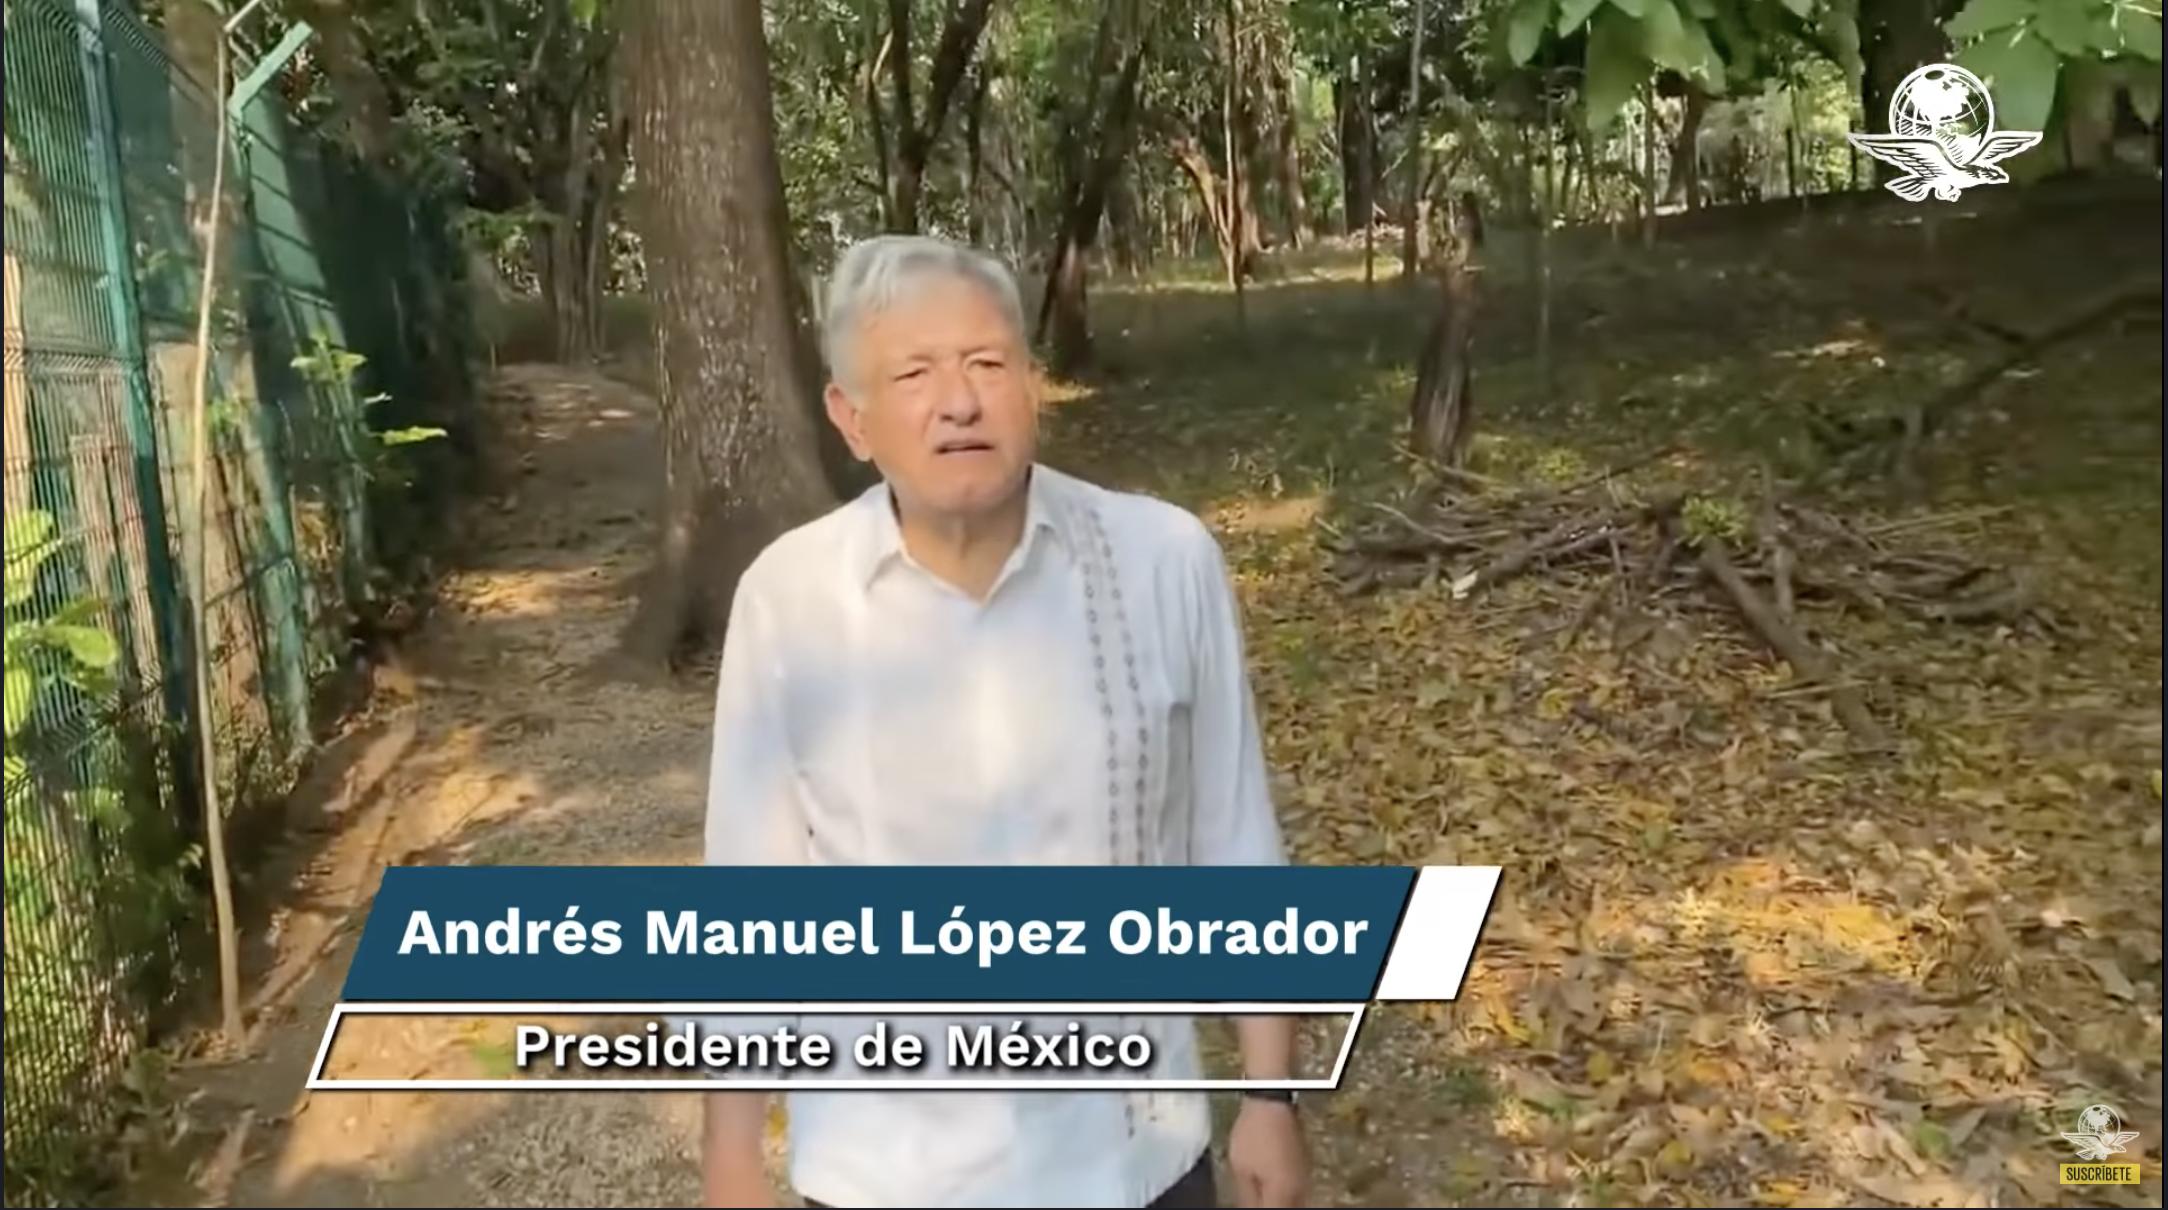 MX- México pondrá límite a producción petrolera para mitigar cambio climático: AMLO (El Universal)